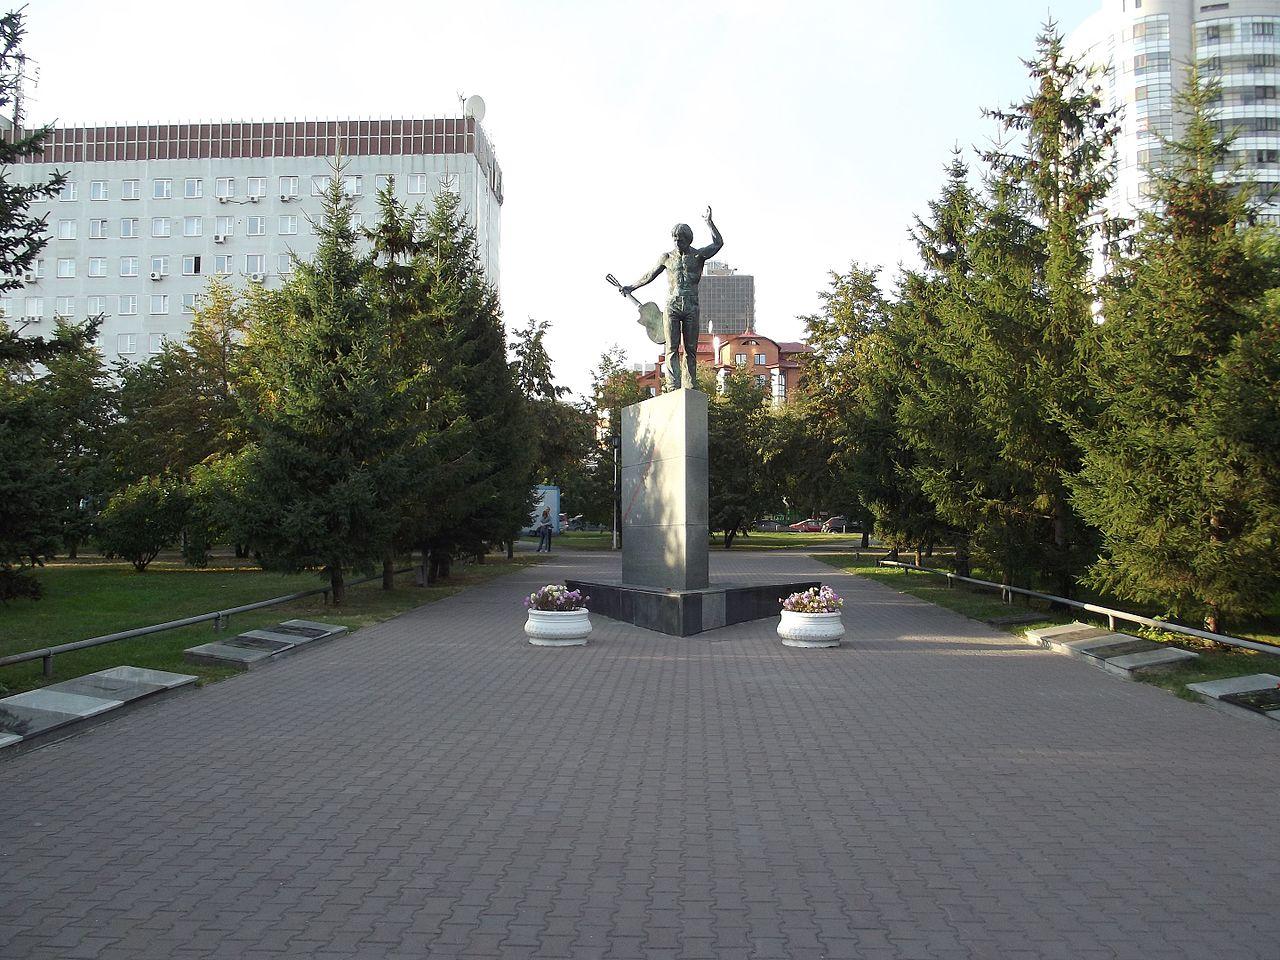 Памятник В. С. Высоцкому на Аллее бардов в Новосибирске